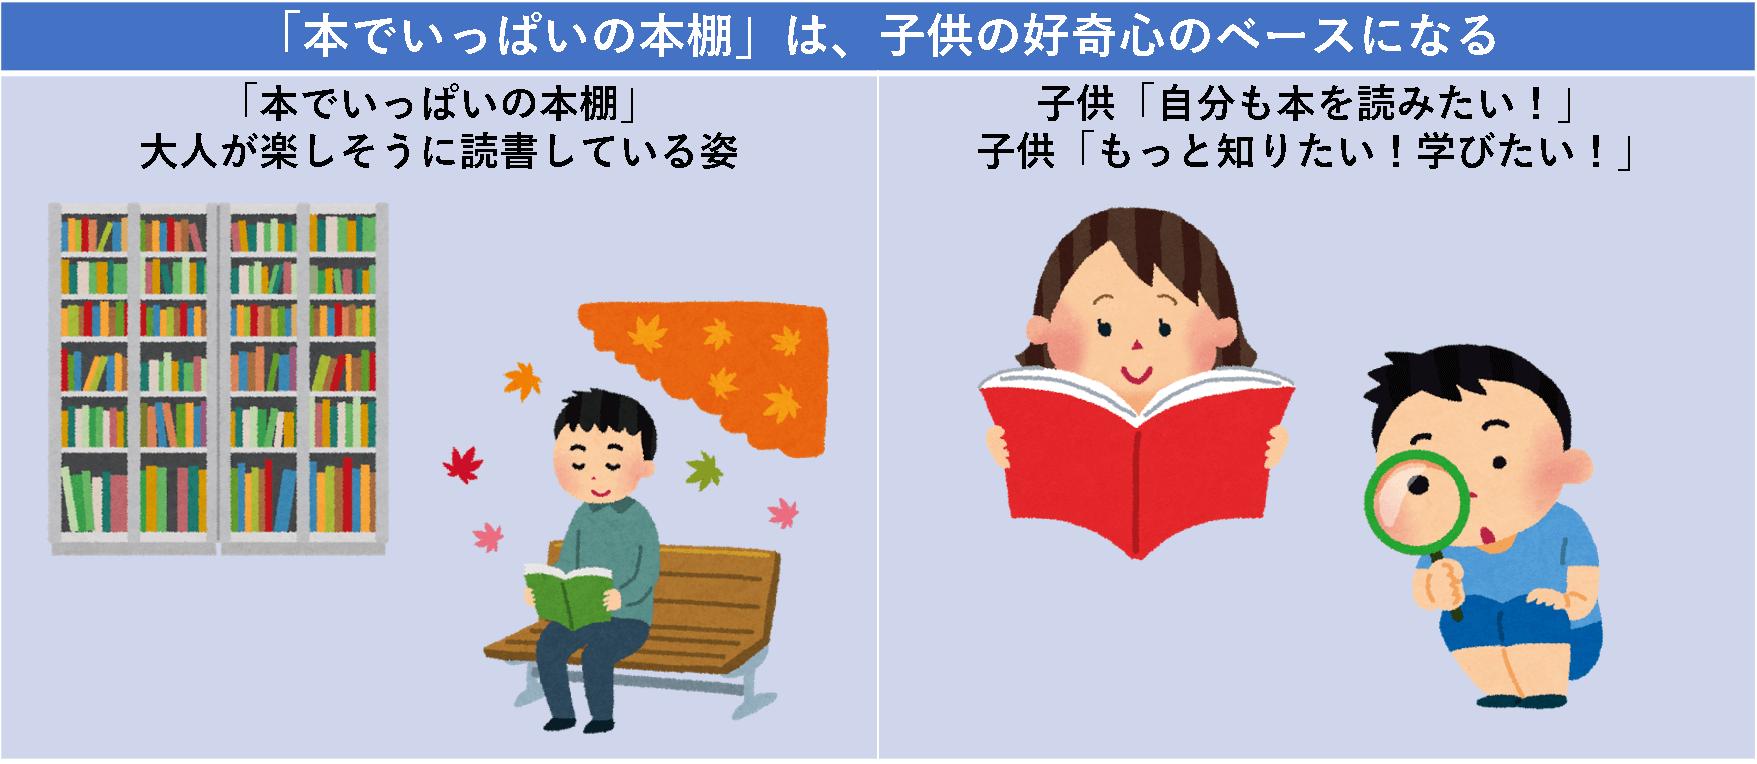 「本でいっぱいの本棚」は、子供の好奇心のベースになる